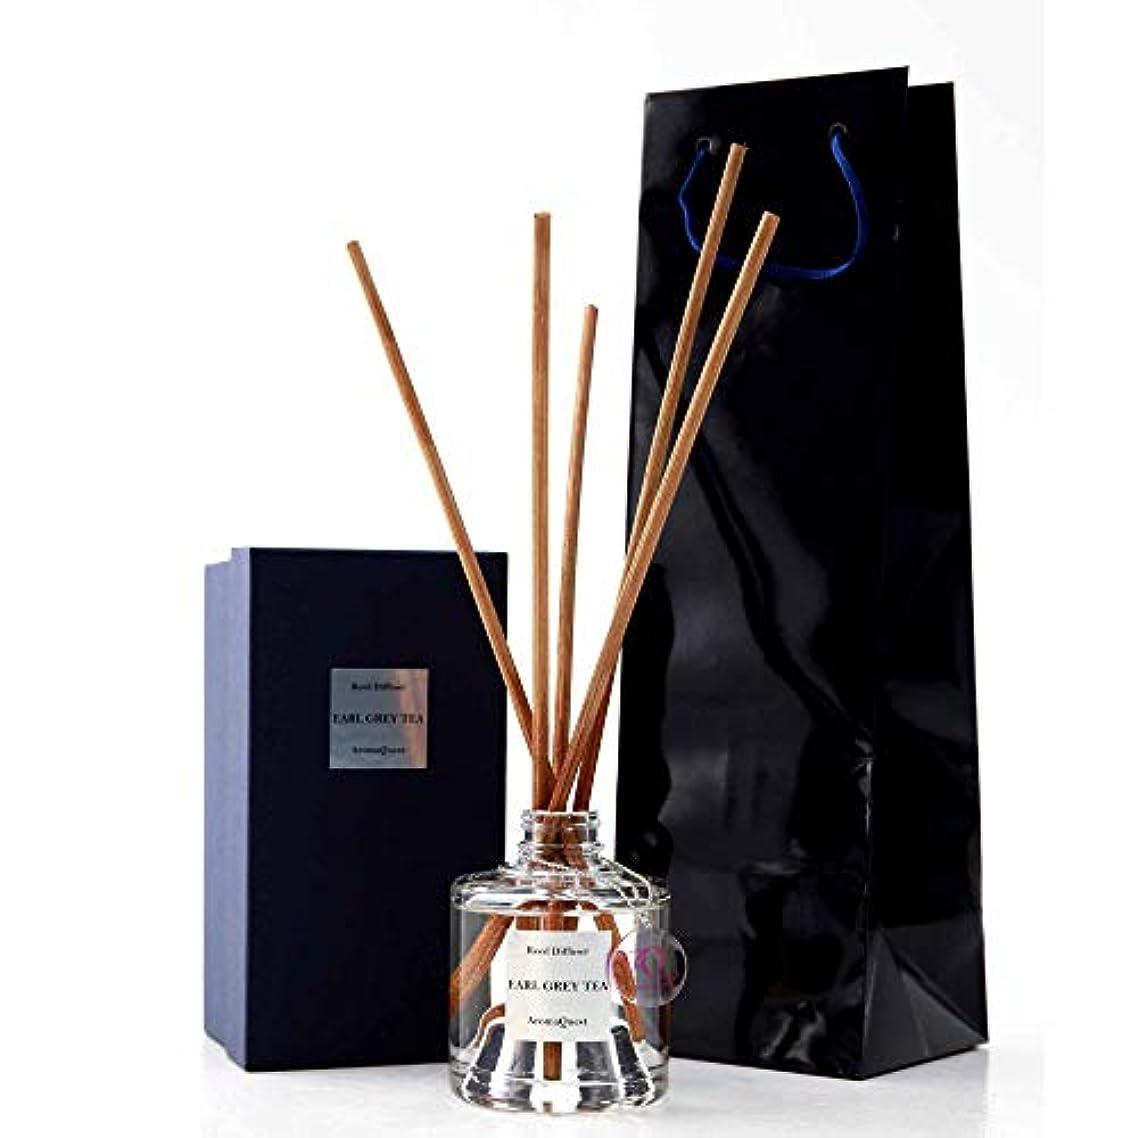 ラメバラ色魅力ルームフレグランス リードディフューザー アロマディフューザー 150ml アールグレイティー EARL GREY TEA 紅茶の香り